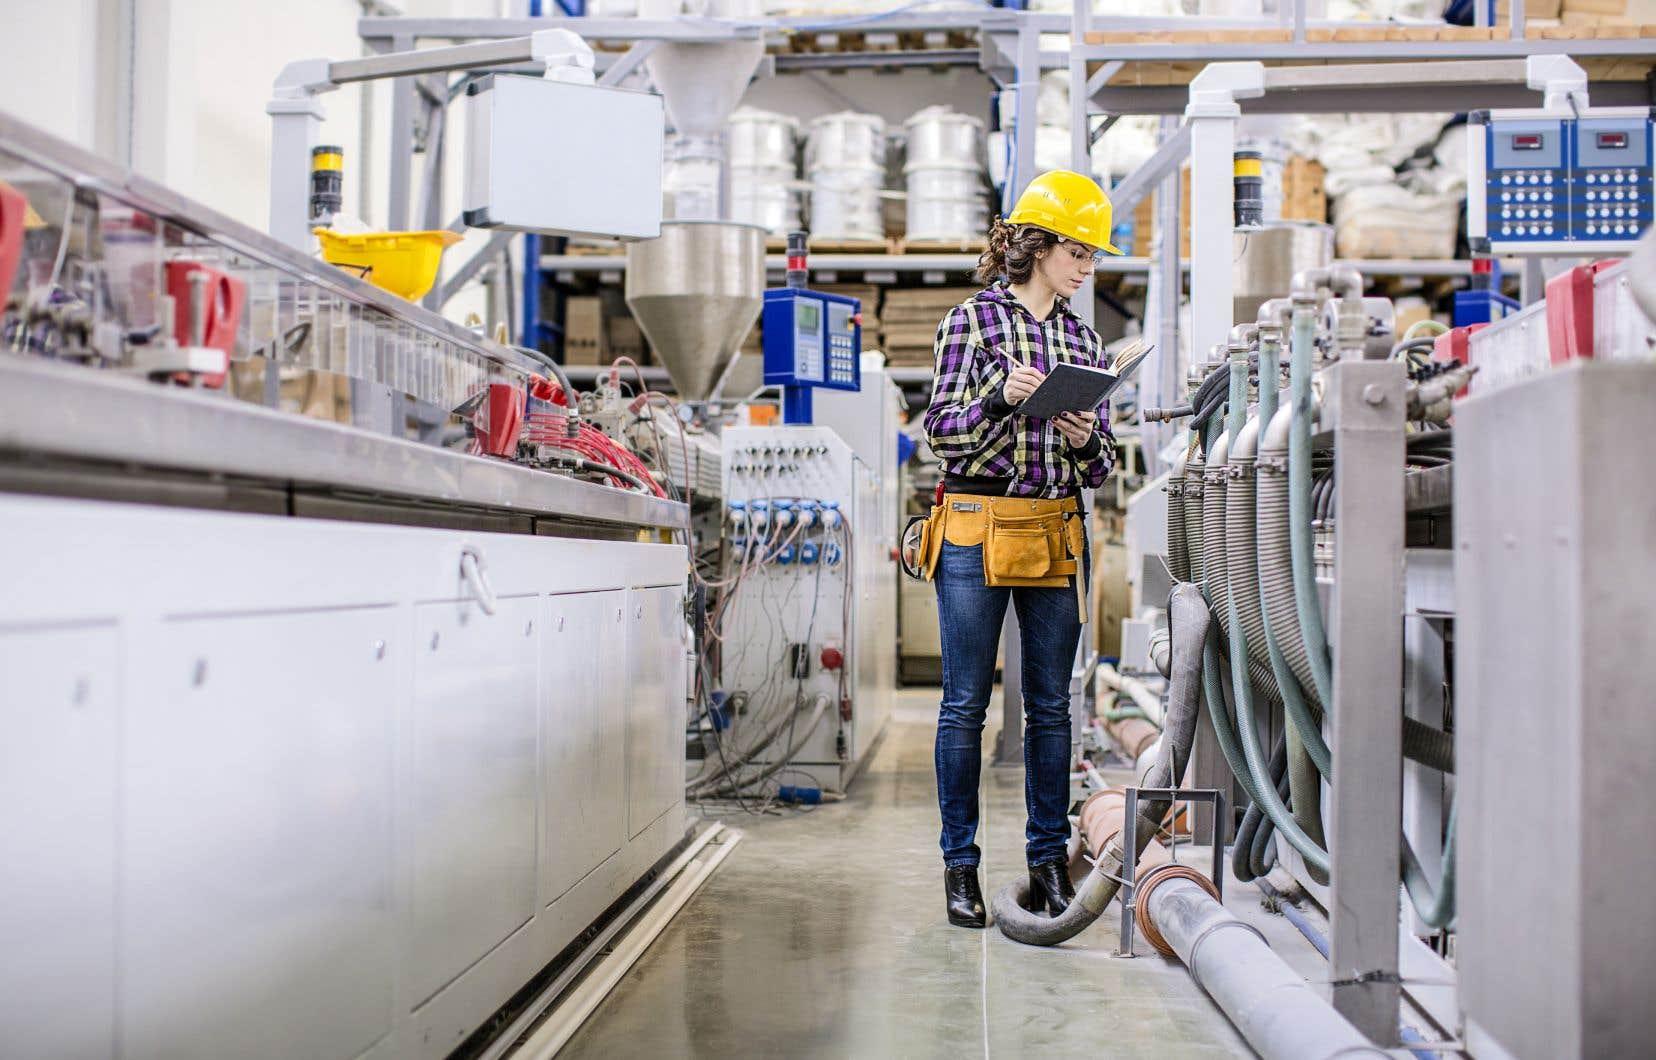 Les installations de Plastiques IPL sont composées de quatorze usines, sept bureaux de direction et de vente et quatre centres d'innovation et d'excellence, situés au Canada, aux États-Unis, au Royaume-Uni, en Irlande, en Chine et au Mexique.